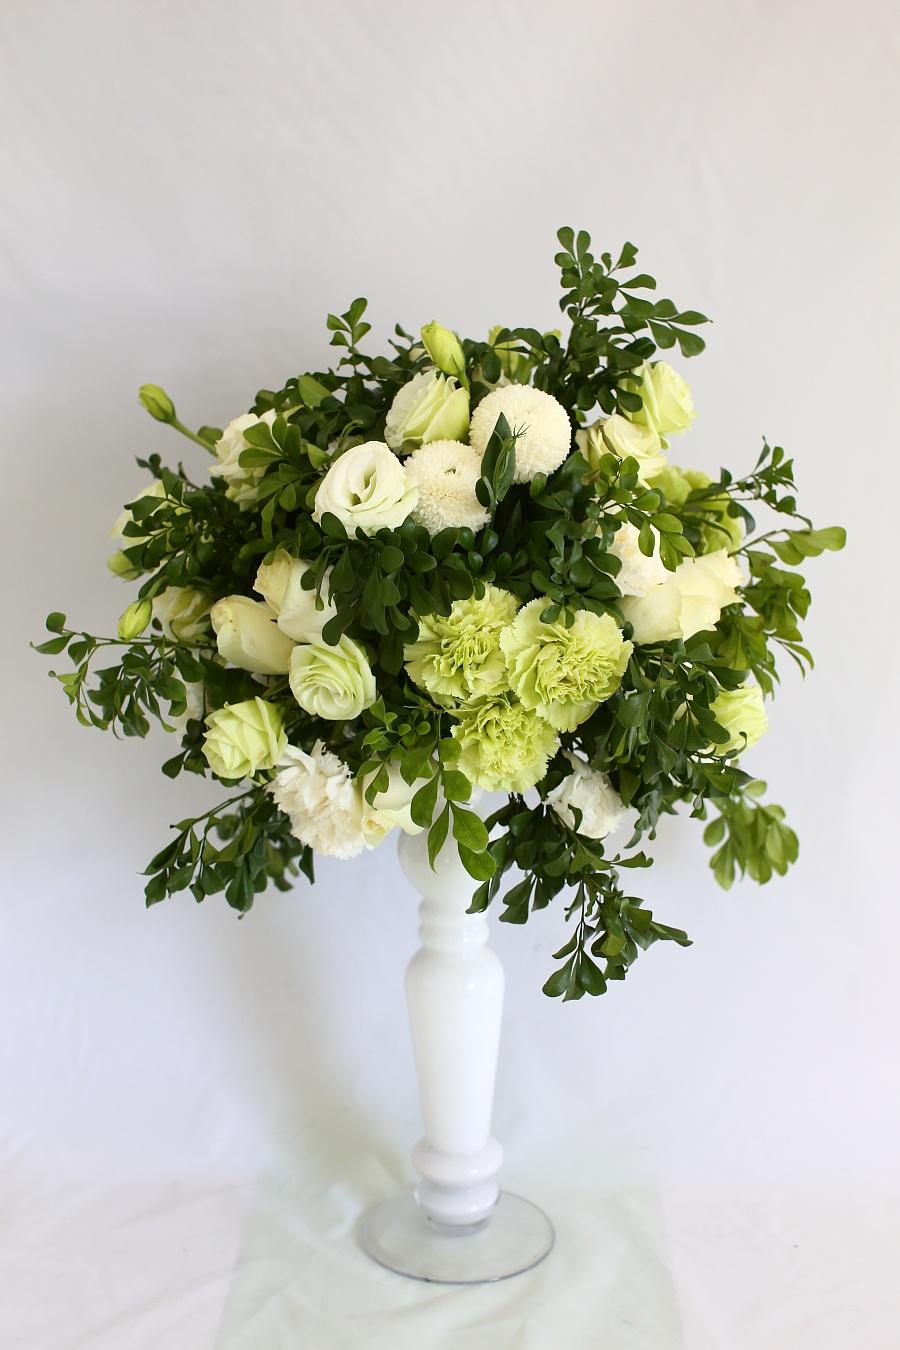 鲜花 桌花 前台花 签到台花 餐桌花 甜品台花